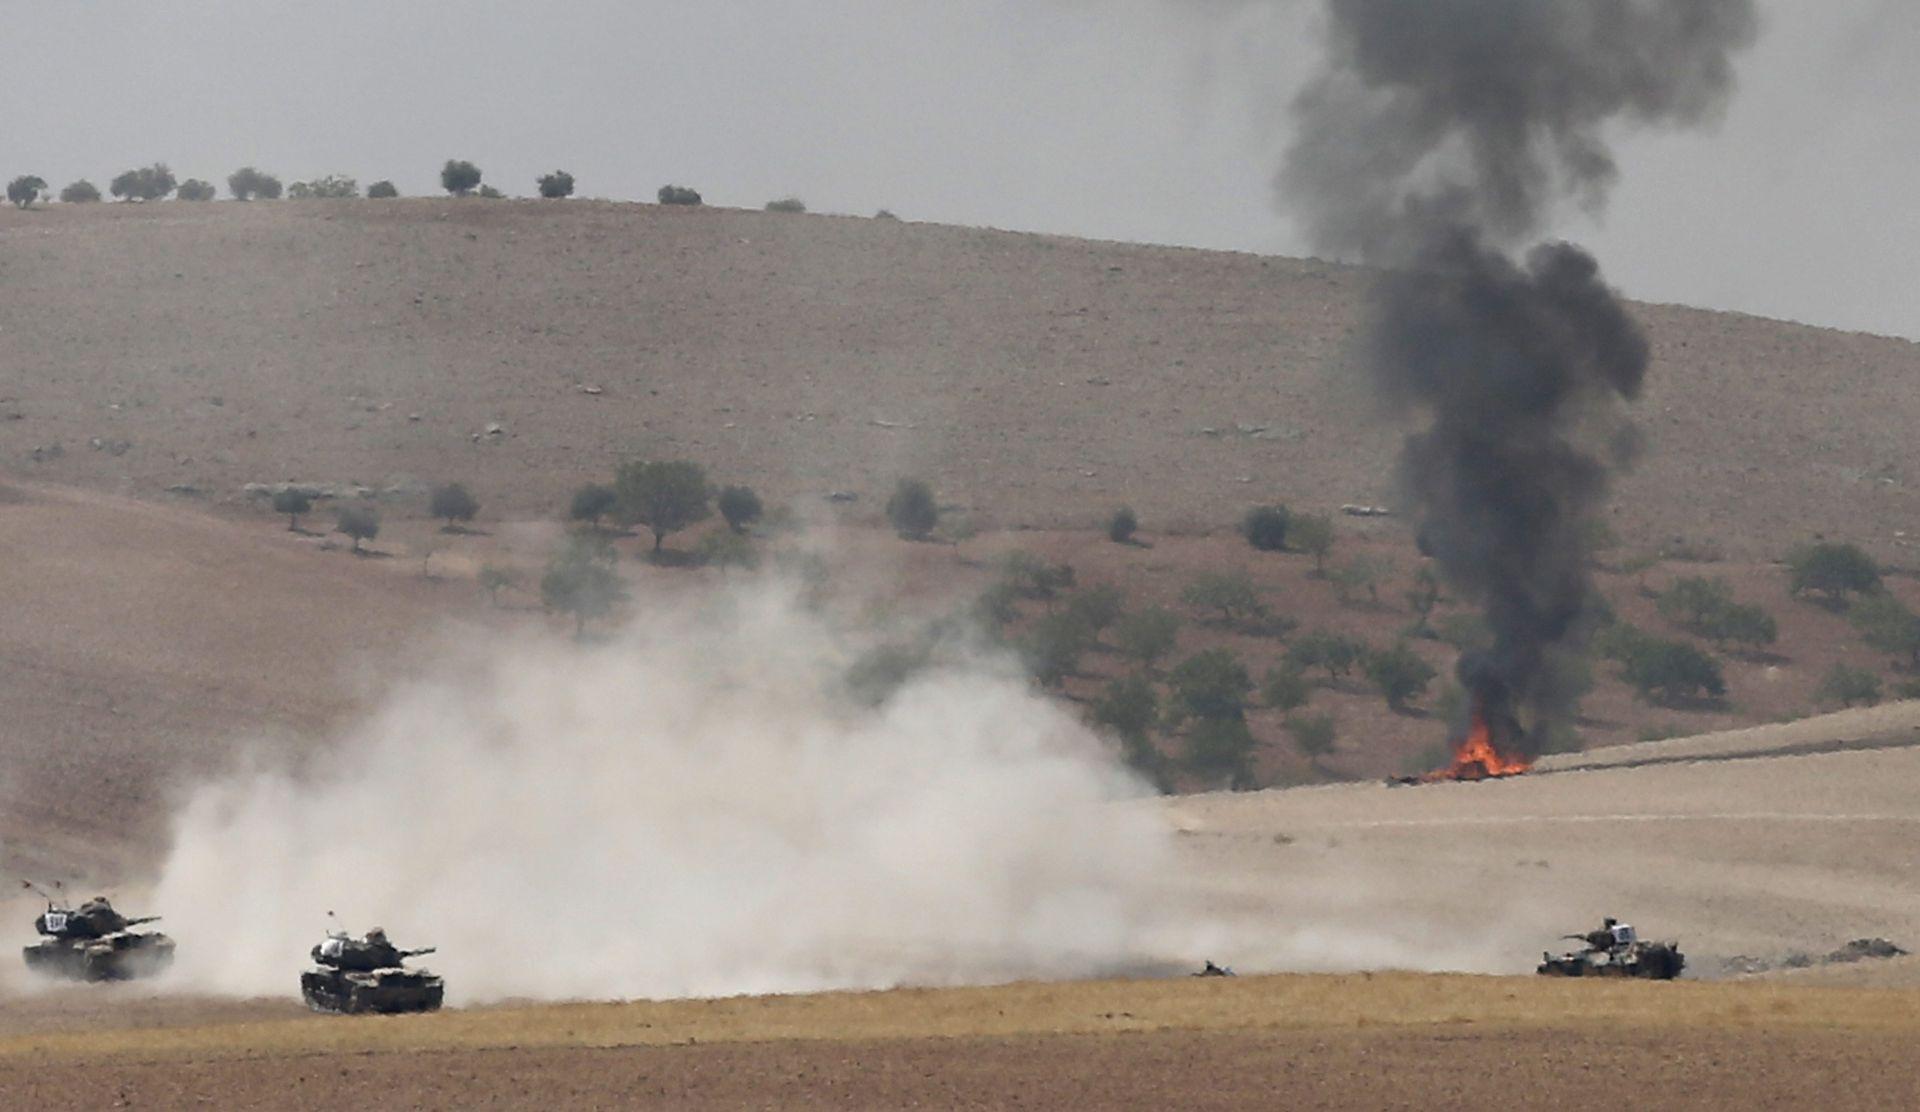 KRATKOTRAJNA OFENZIVA: Sirijski pobunjenici i turske snage oslobodili Jarablos od IS-a